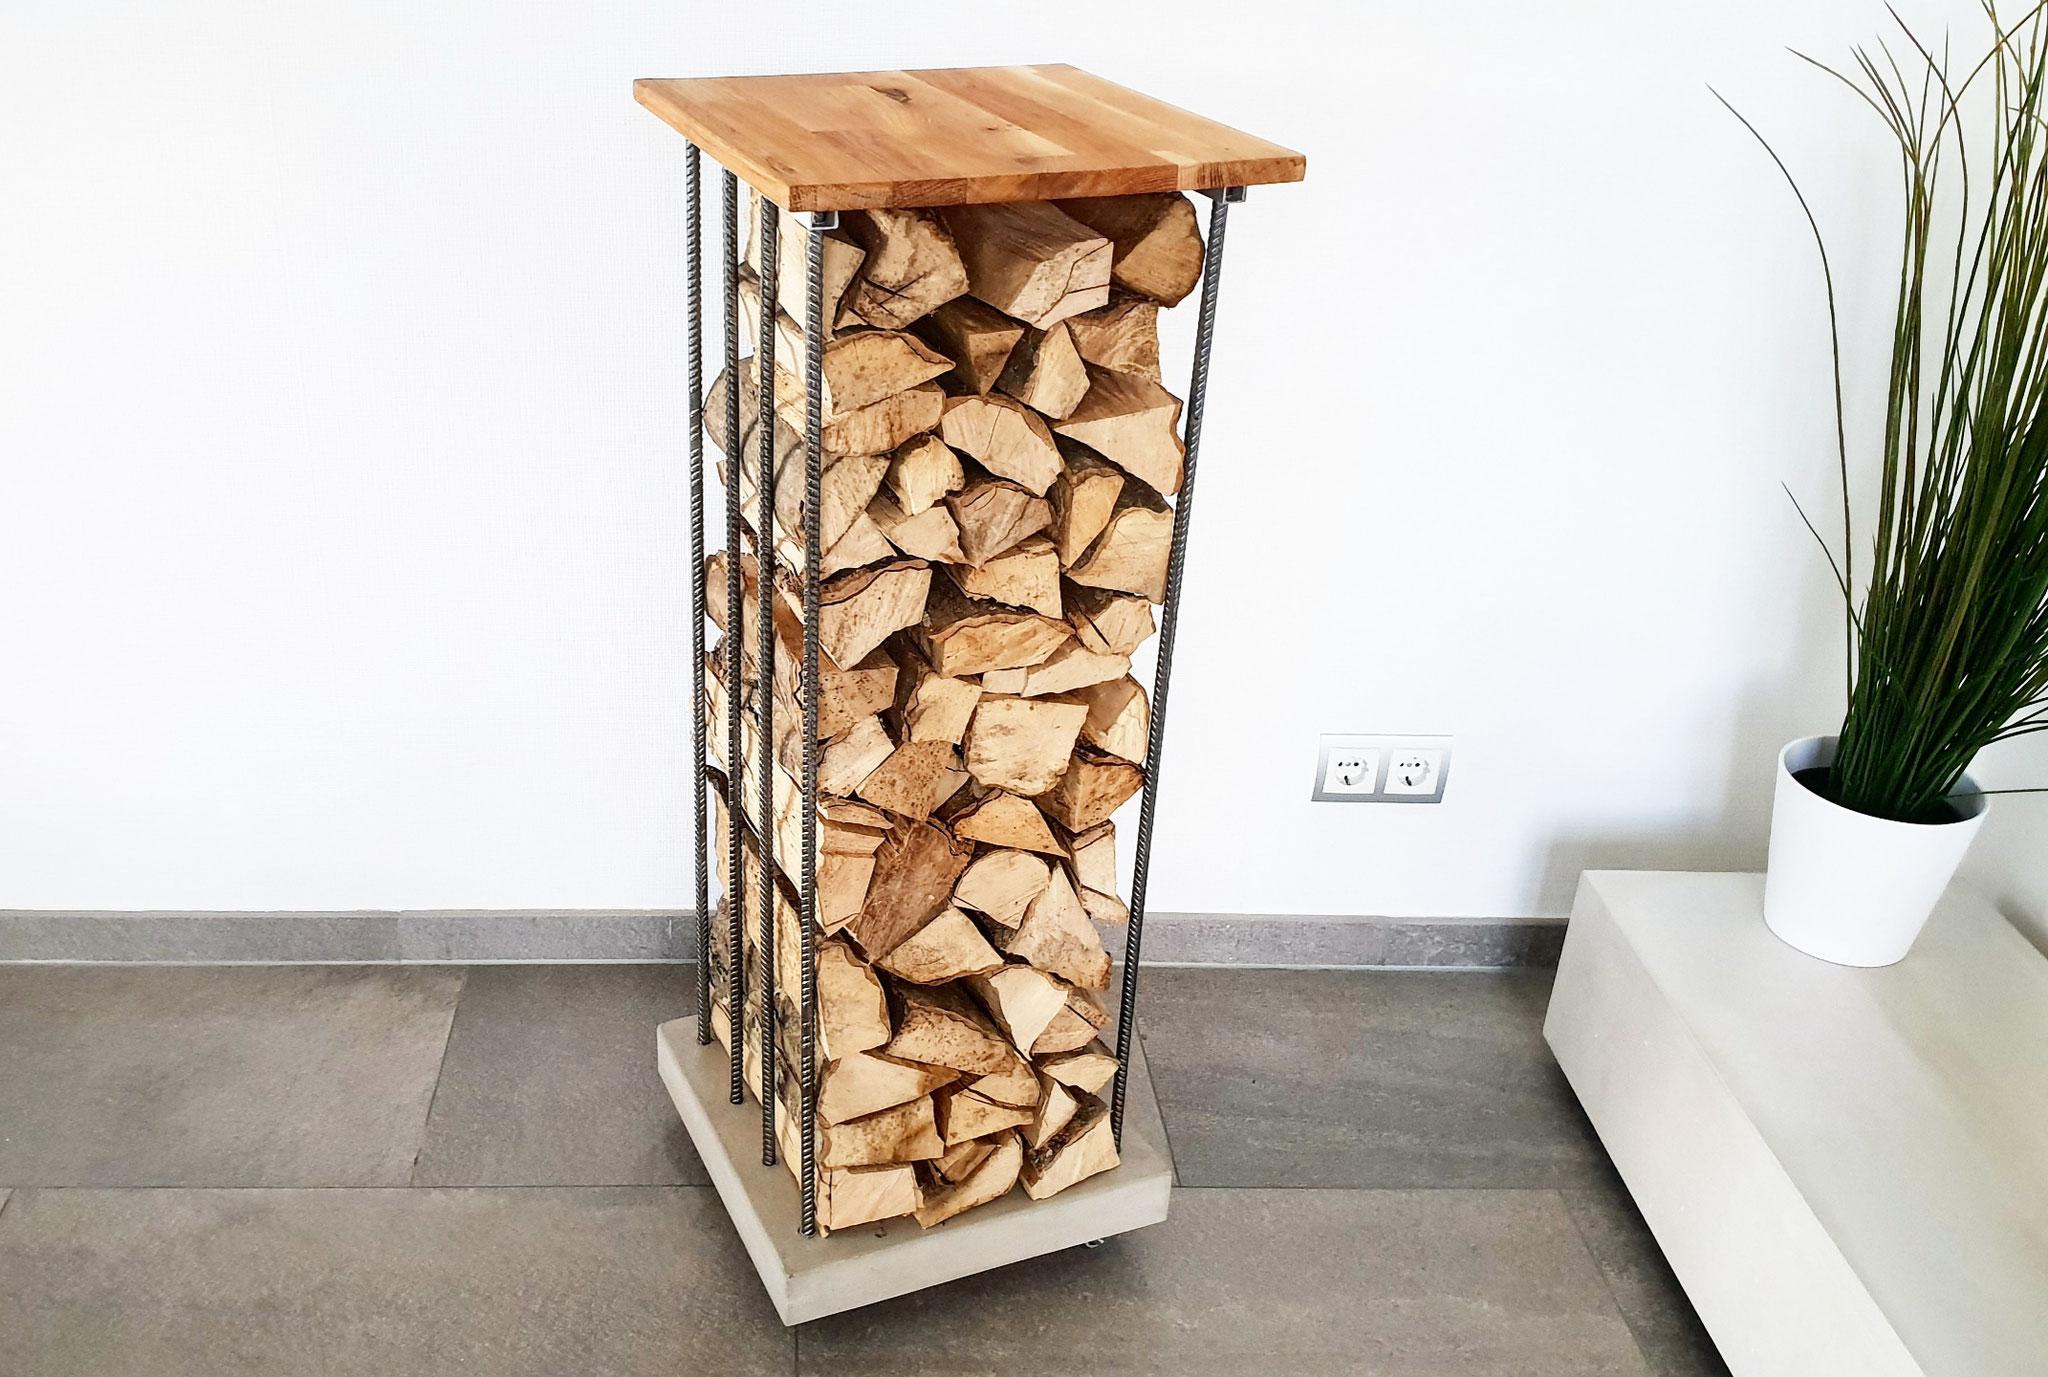 Ein Kaminholzregal Aus Beton Stahl Und Holz Selber Bauen Baue